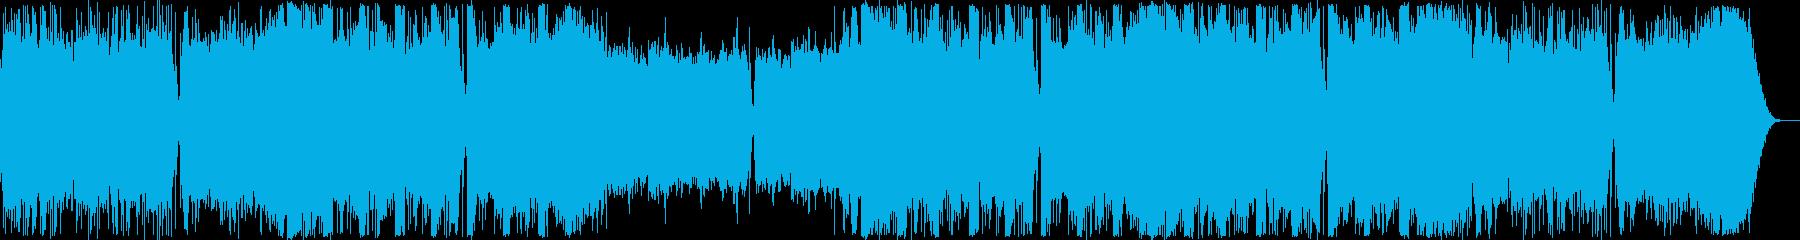 おしゃれなフューチャーベースの再生済みの波形